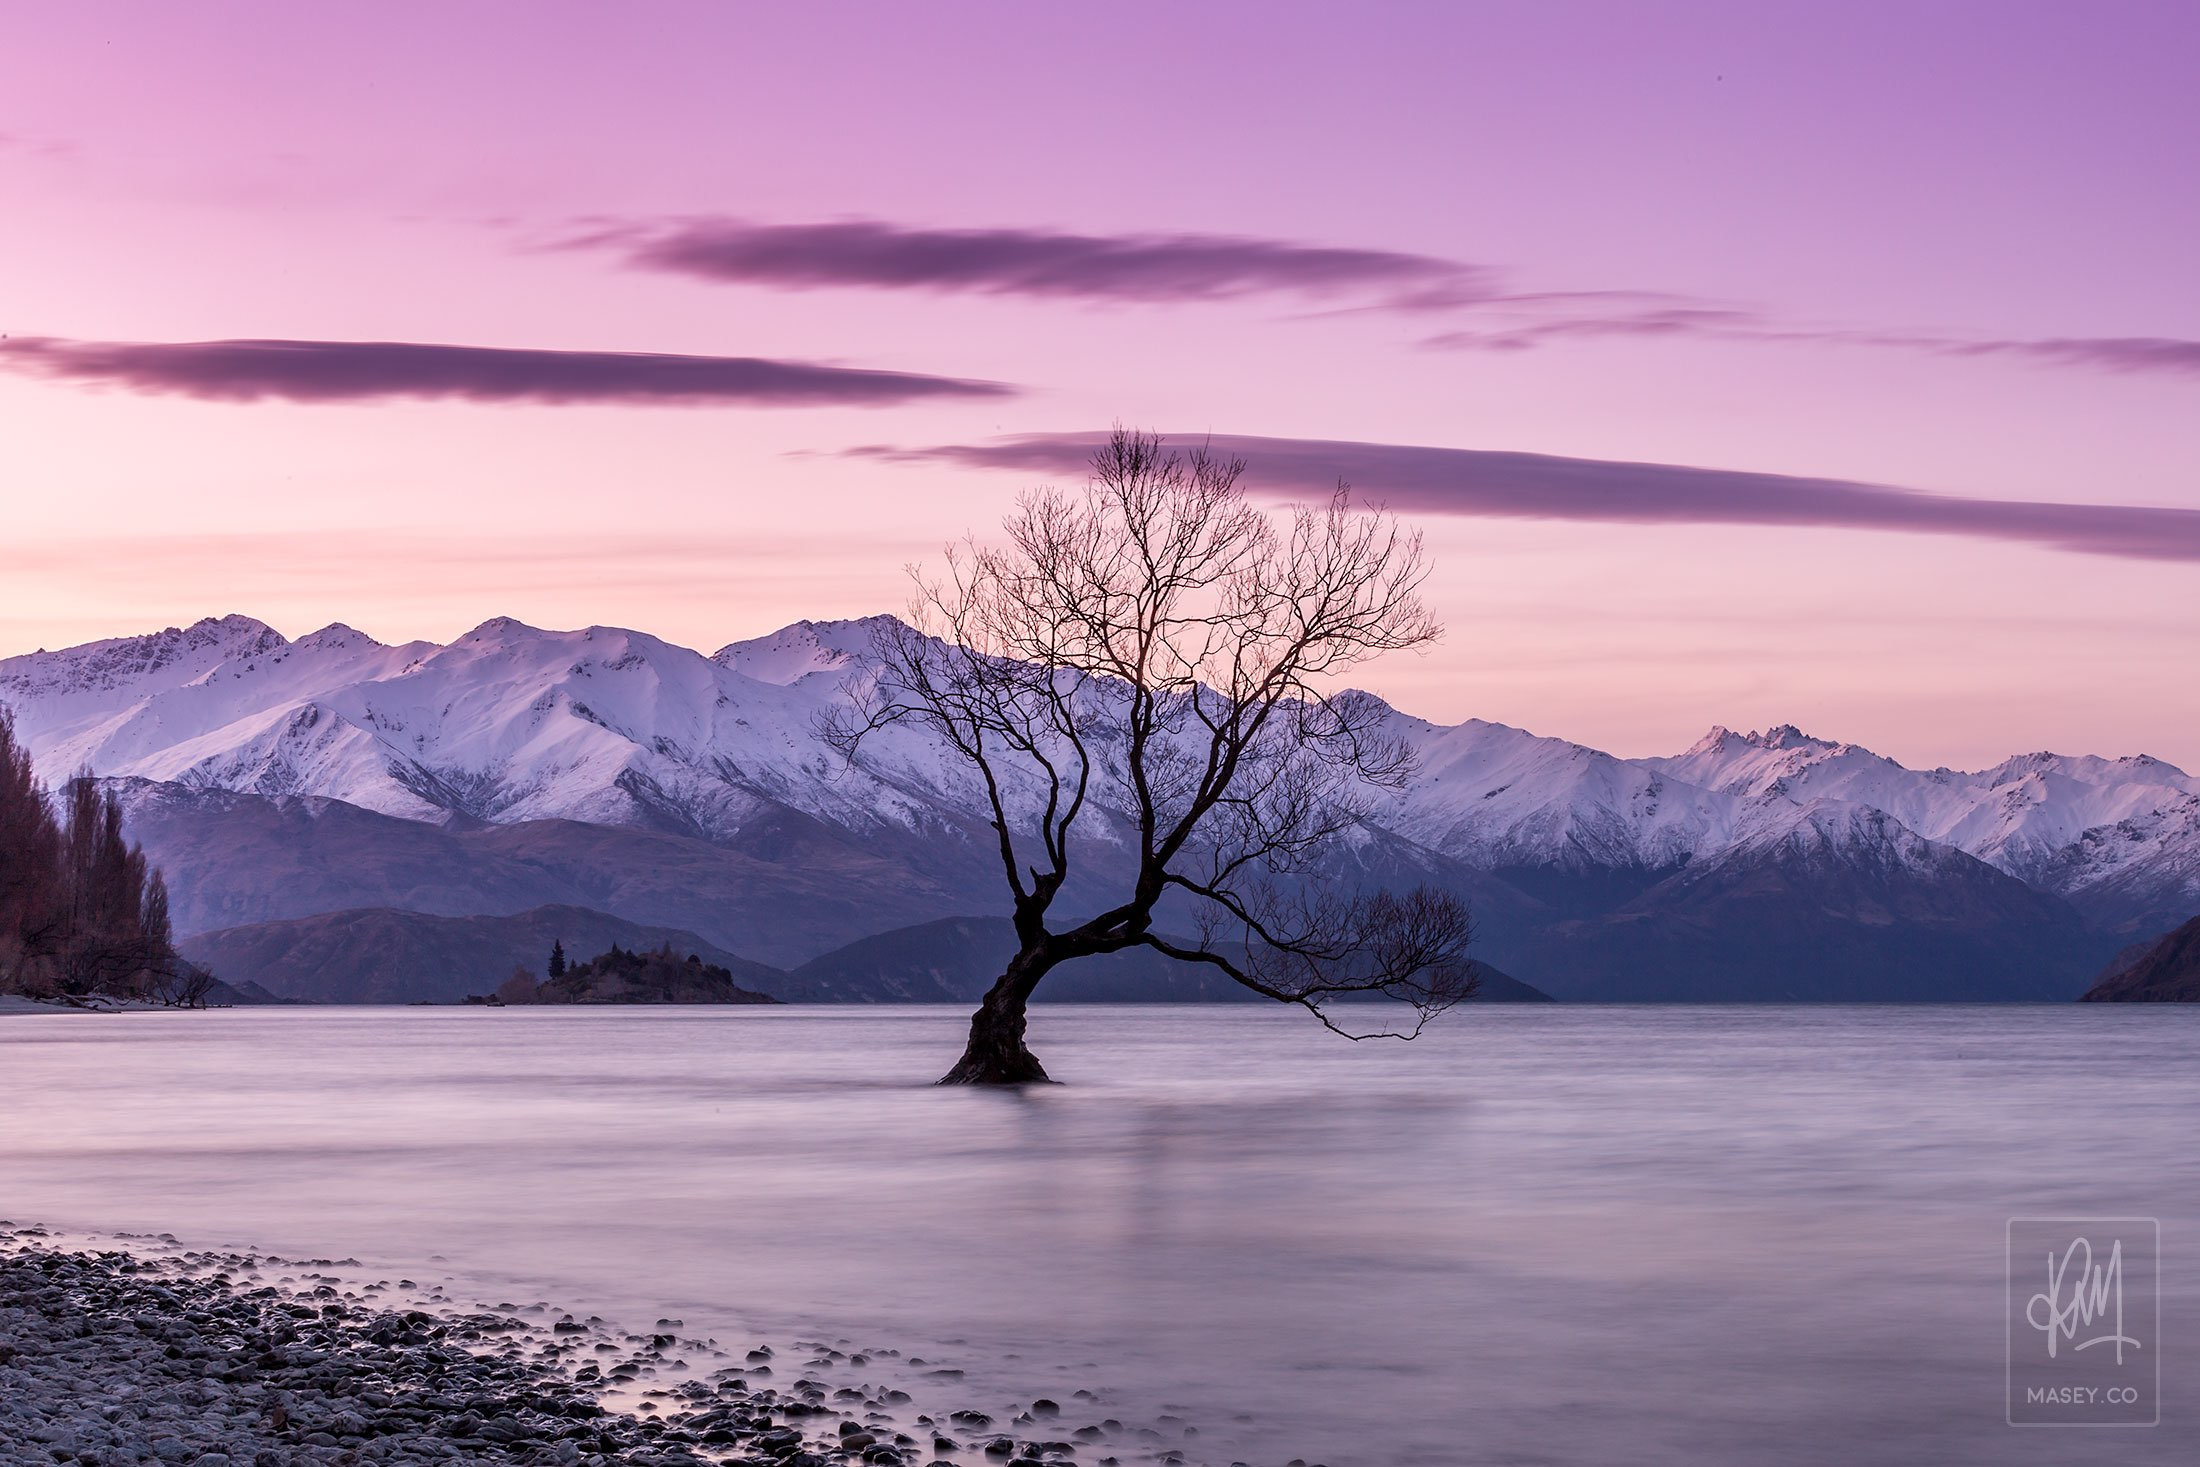 The Wanaka Tree - Wanaka, New Zealand